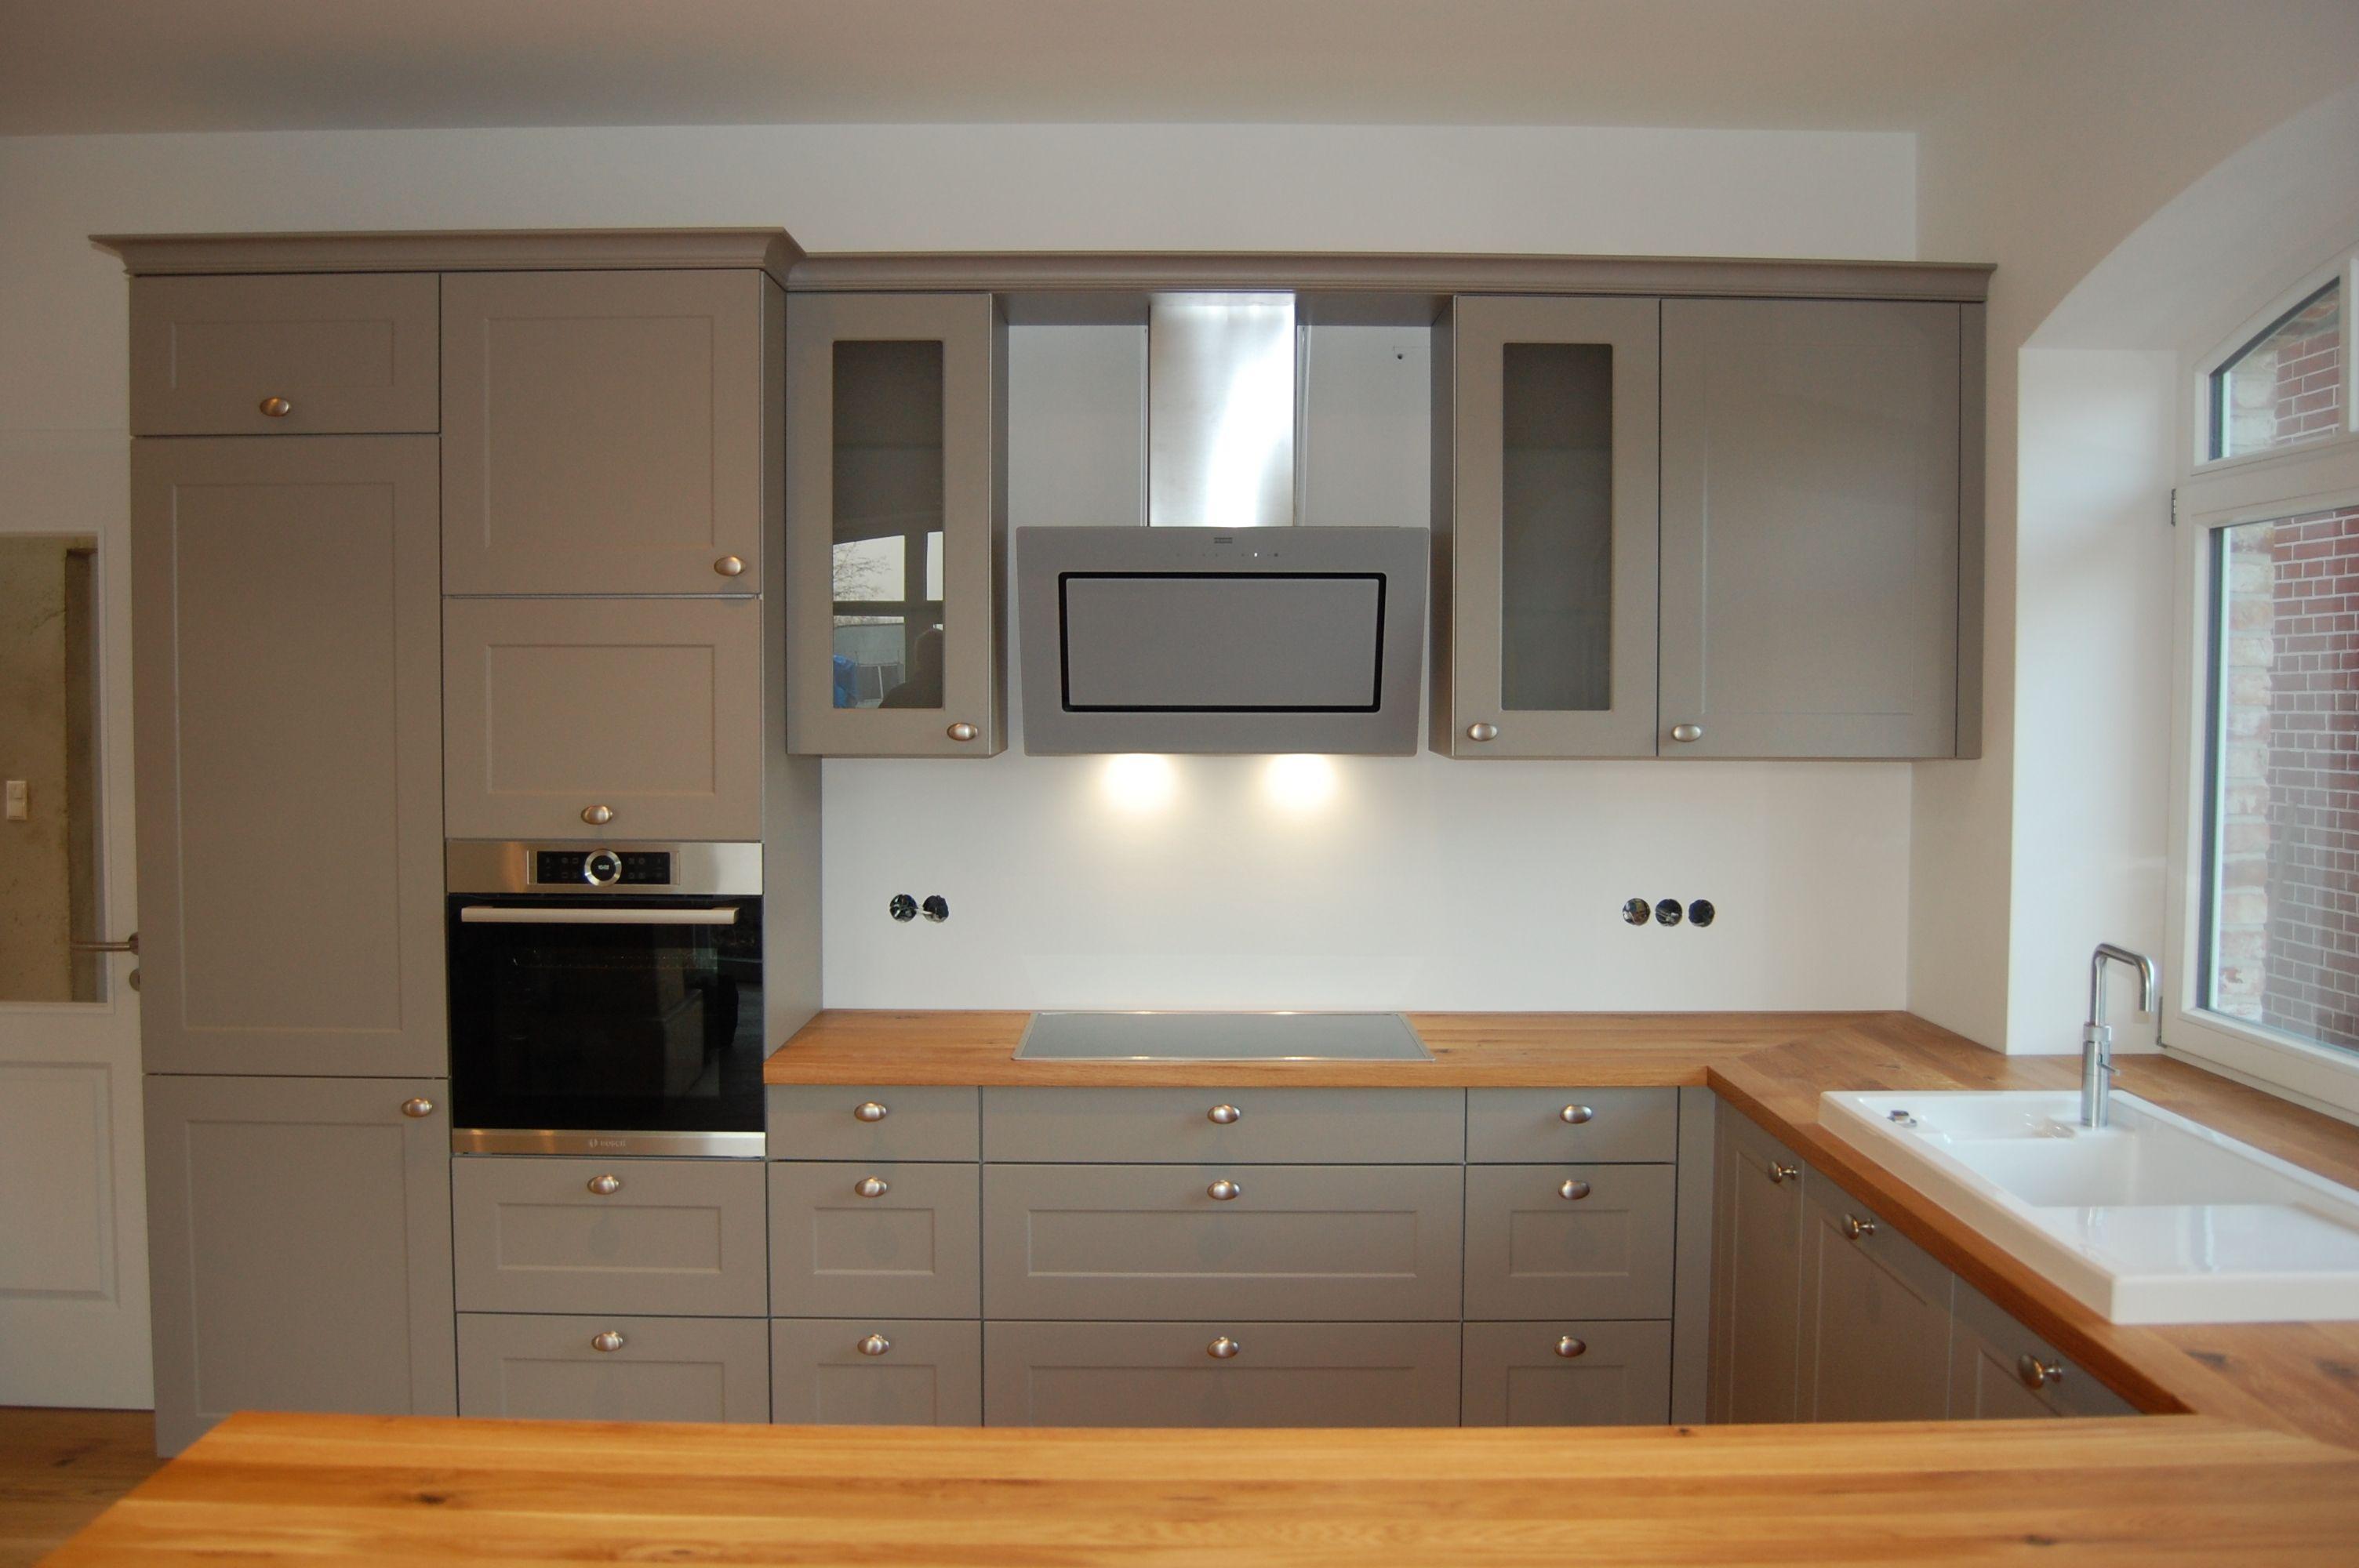 Einbauküche Im Modernen Landhausstil Mit Massivholzarbeitsplatten